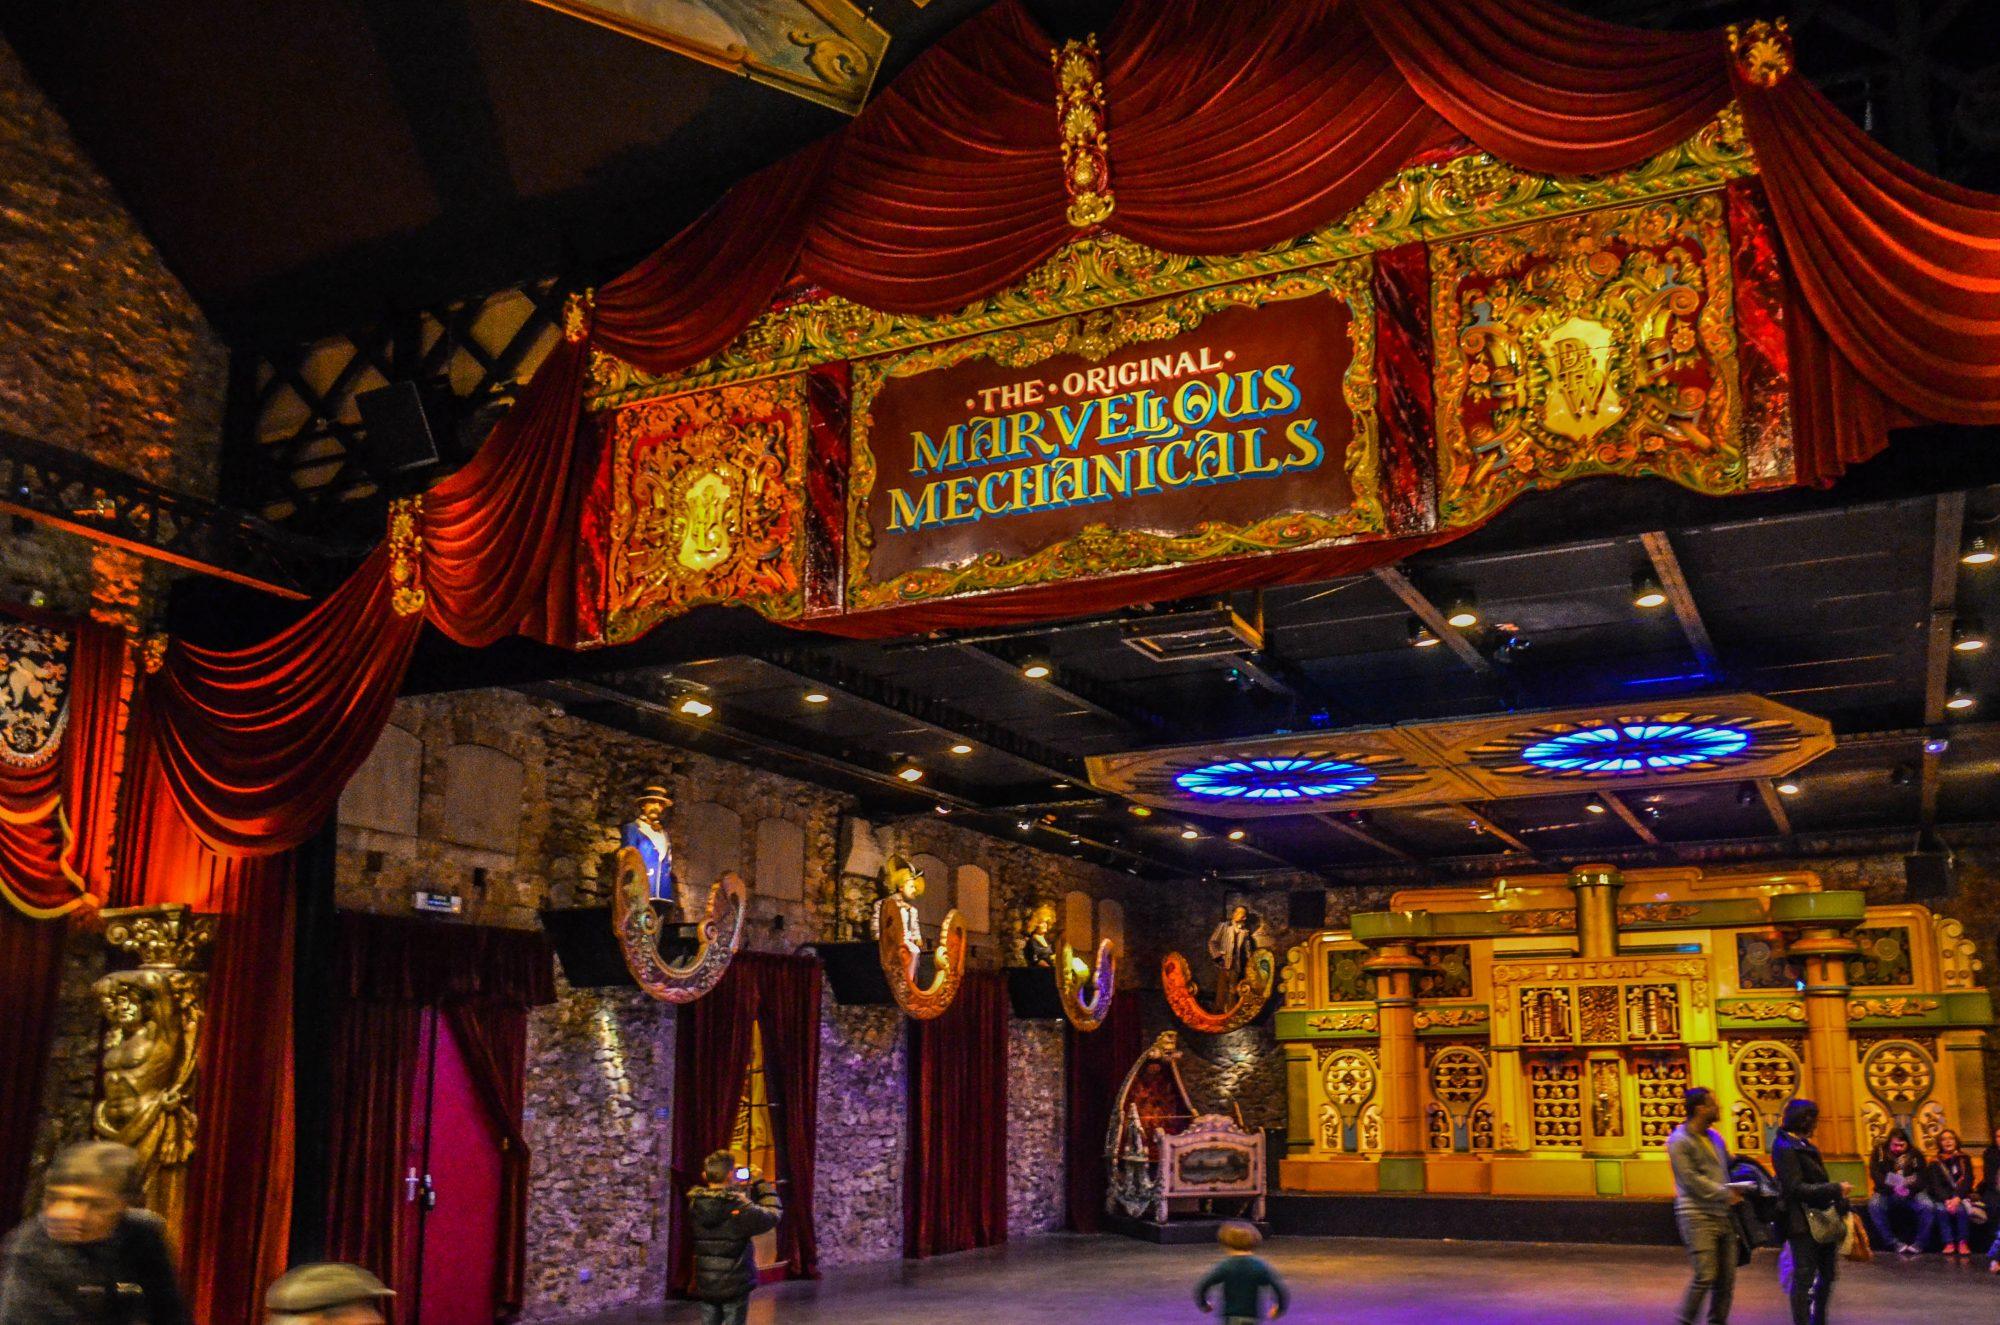 Marvelous Mechanicals - Musée des Arts Forains